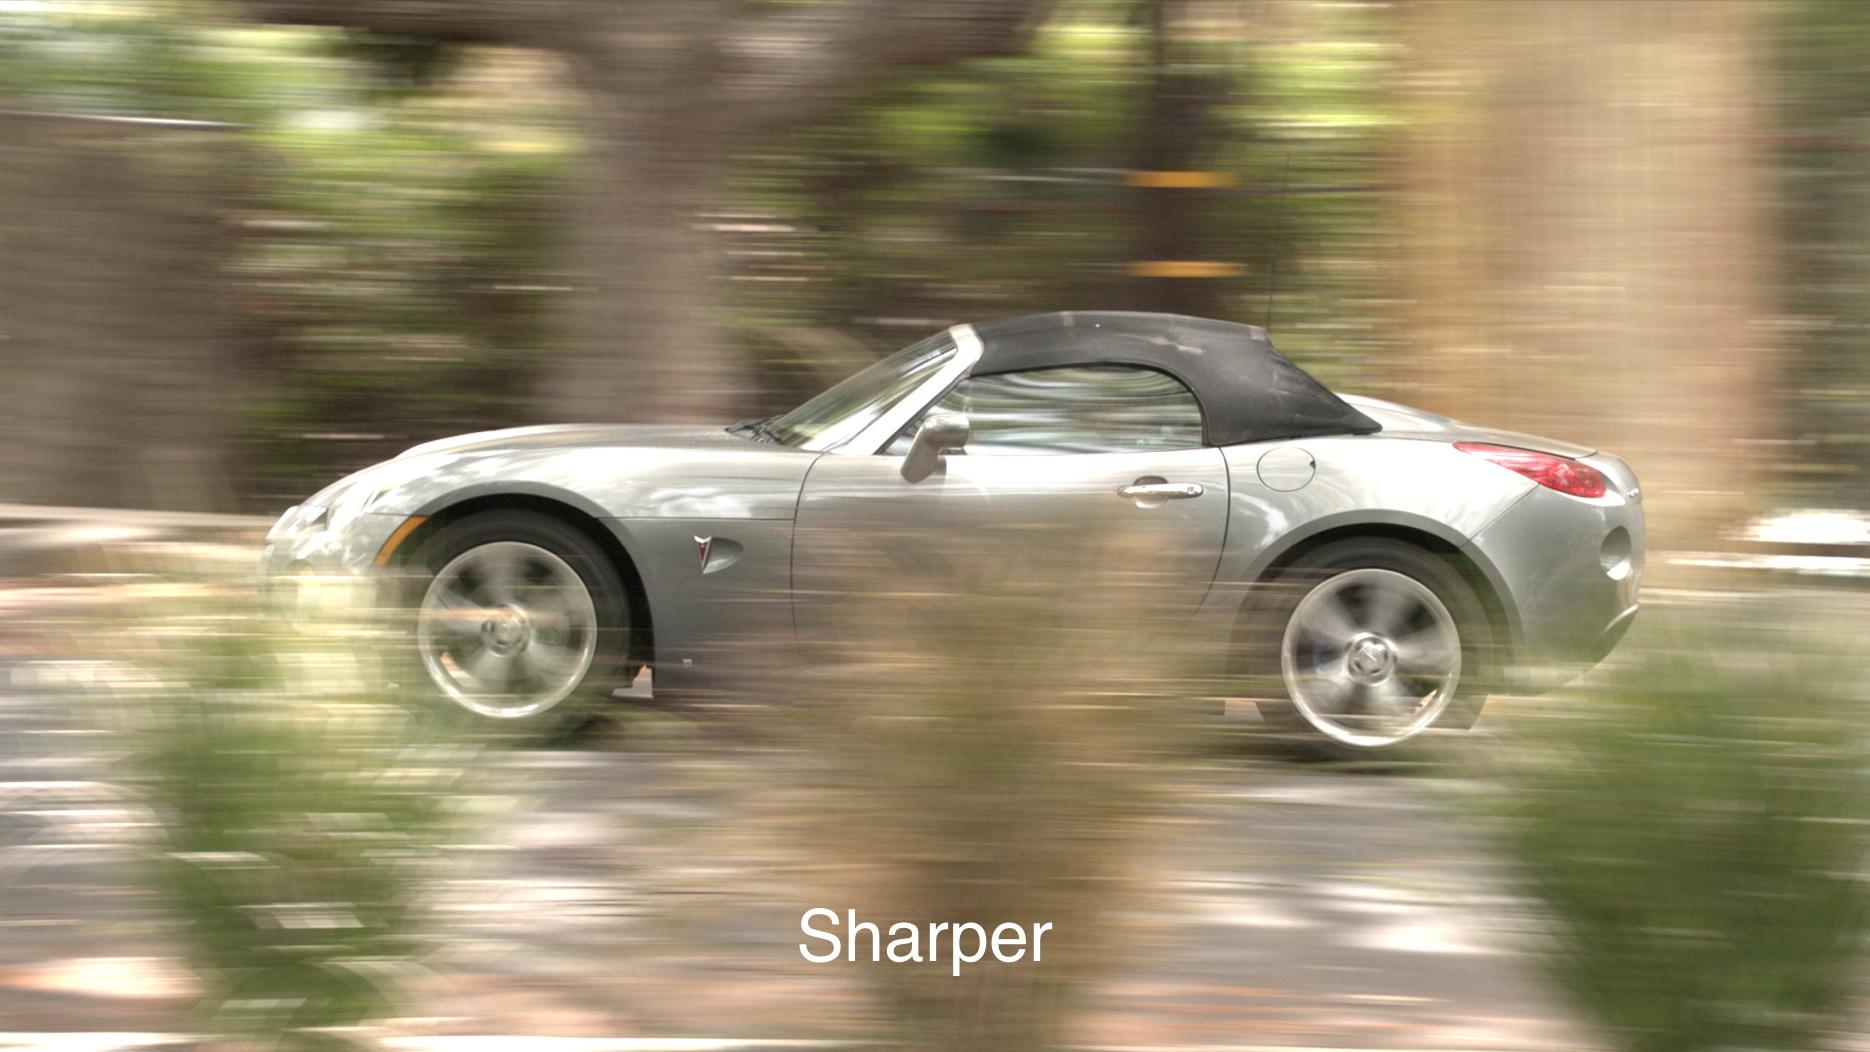 Sharper.jpg